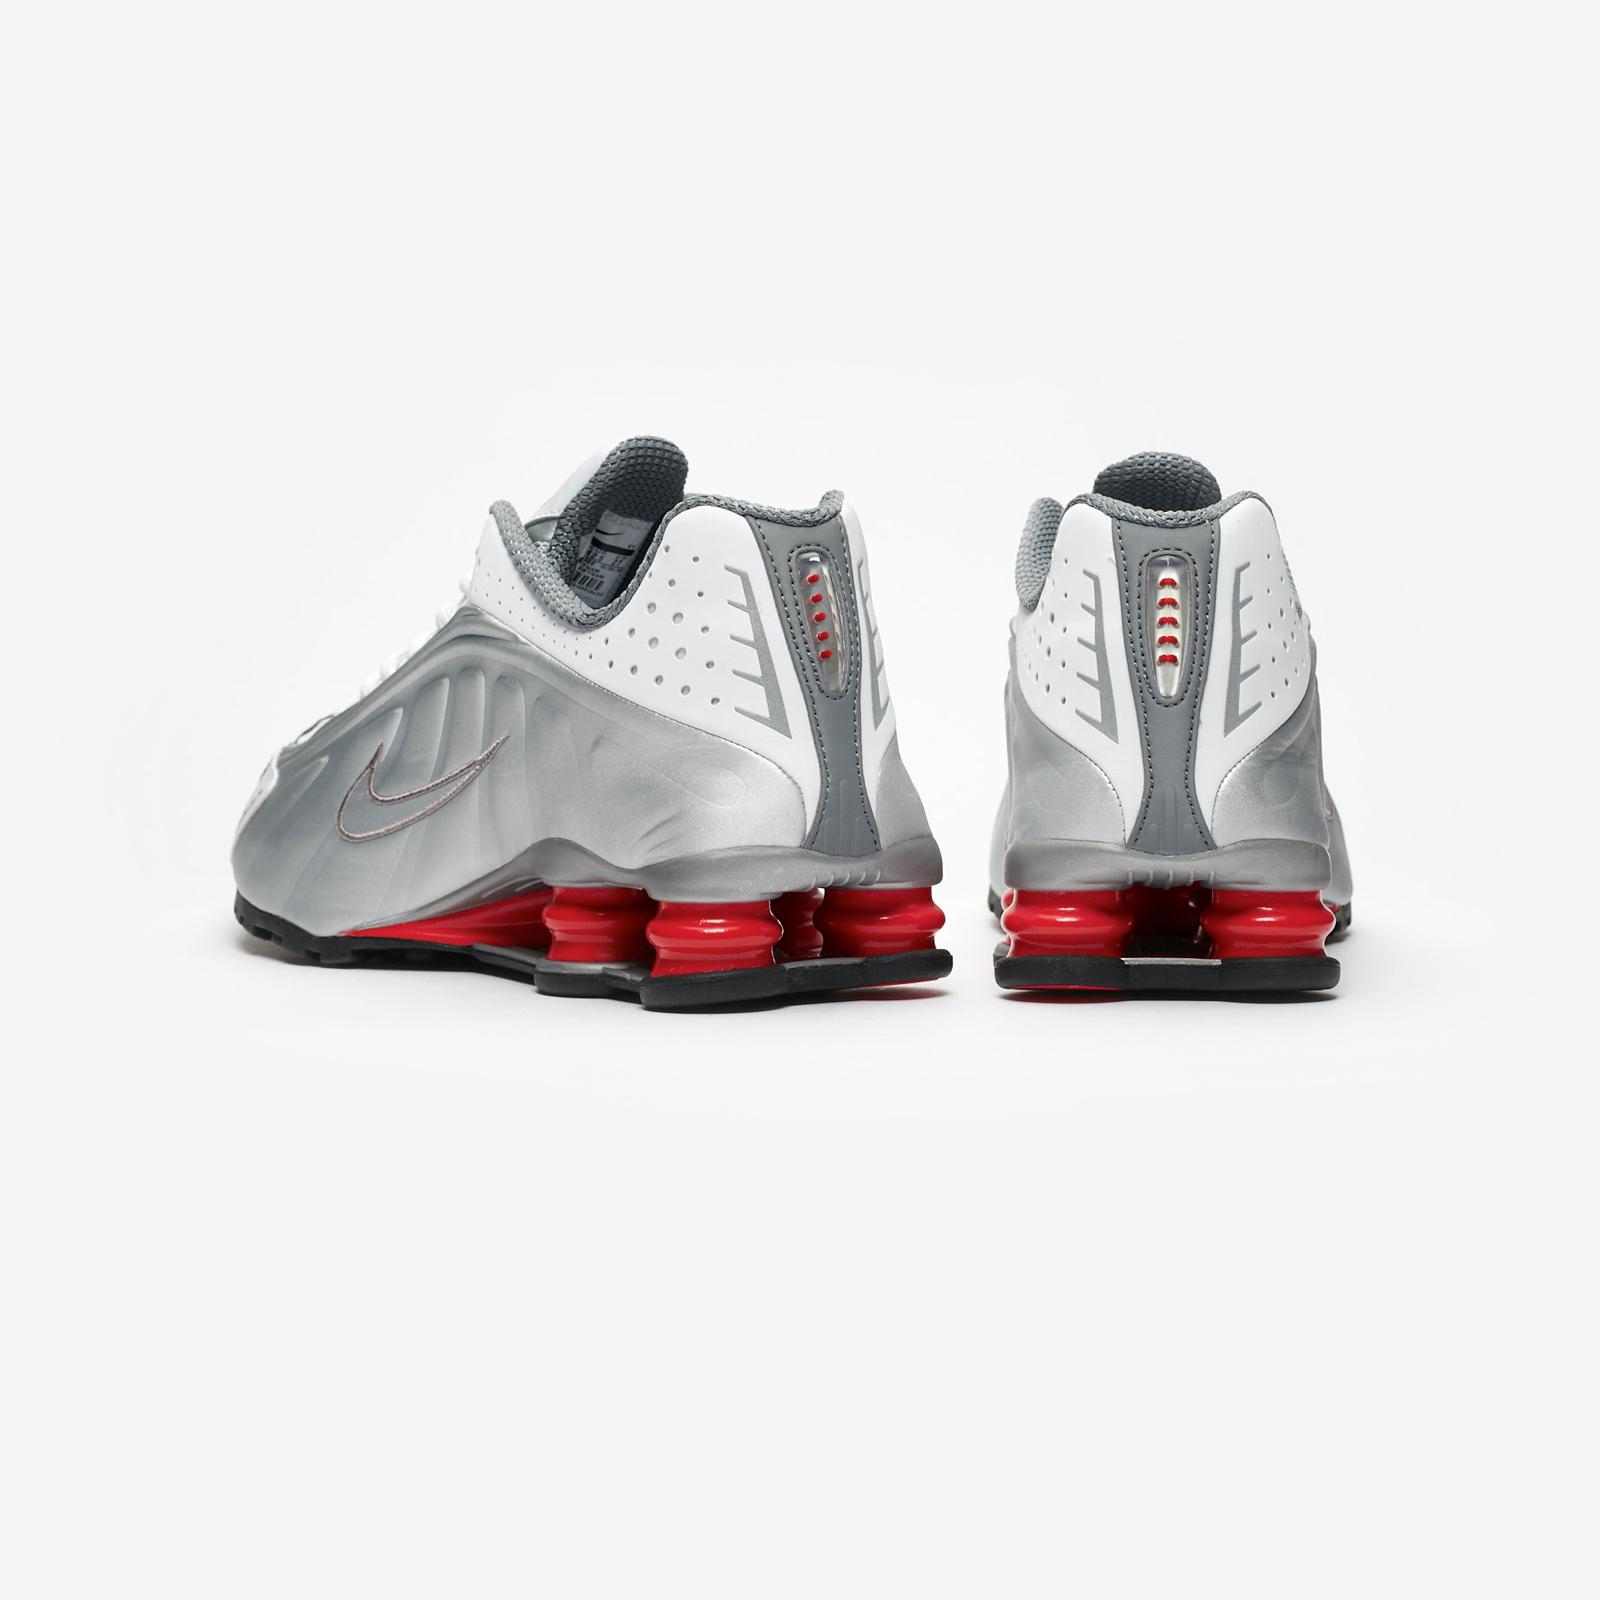 3b6b5af53 Nike Shox R4 - Bv1111-100 - Sneakersnstuff